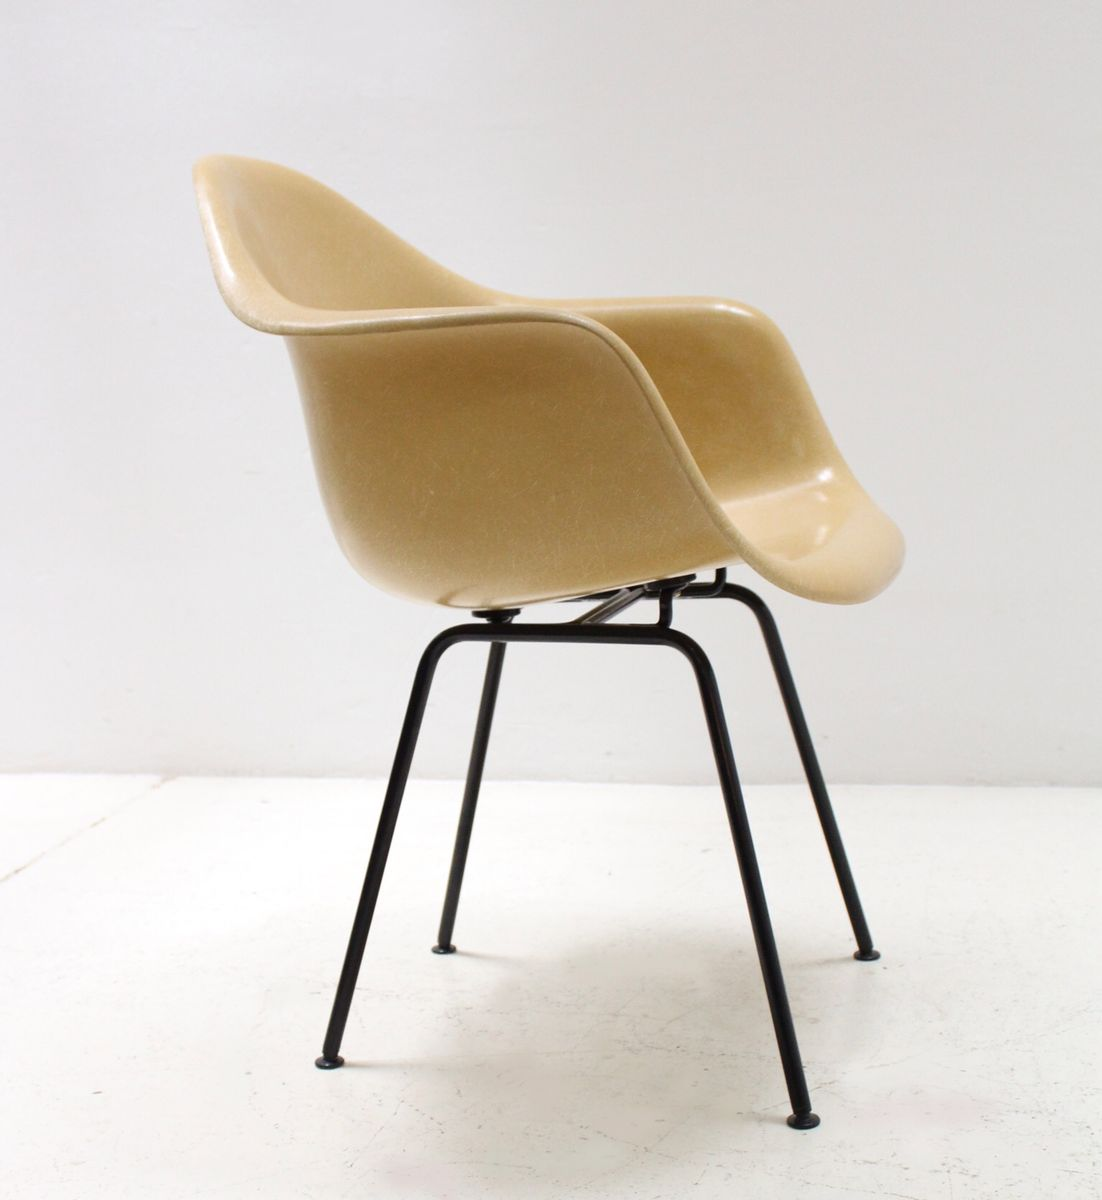 fauteuil moutarde en fibre de verre par charles ray ForFauteuil Eames Fibre De Verre